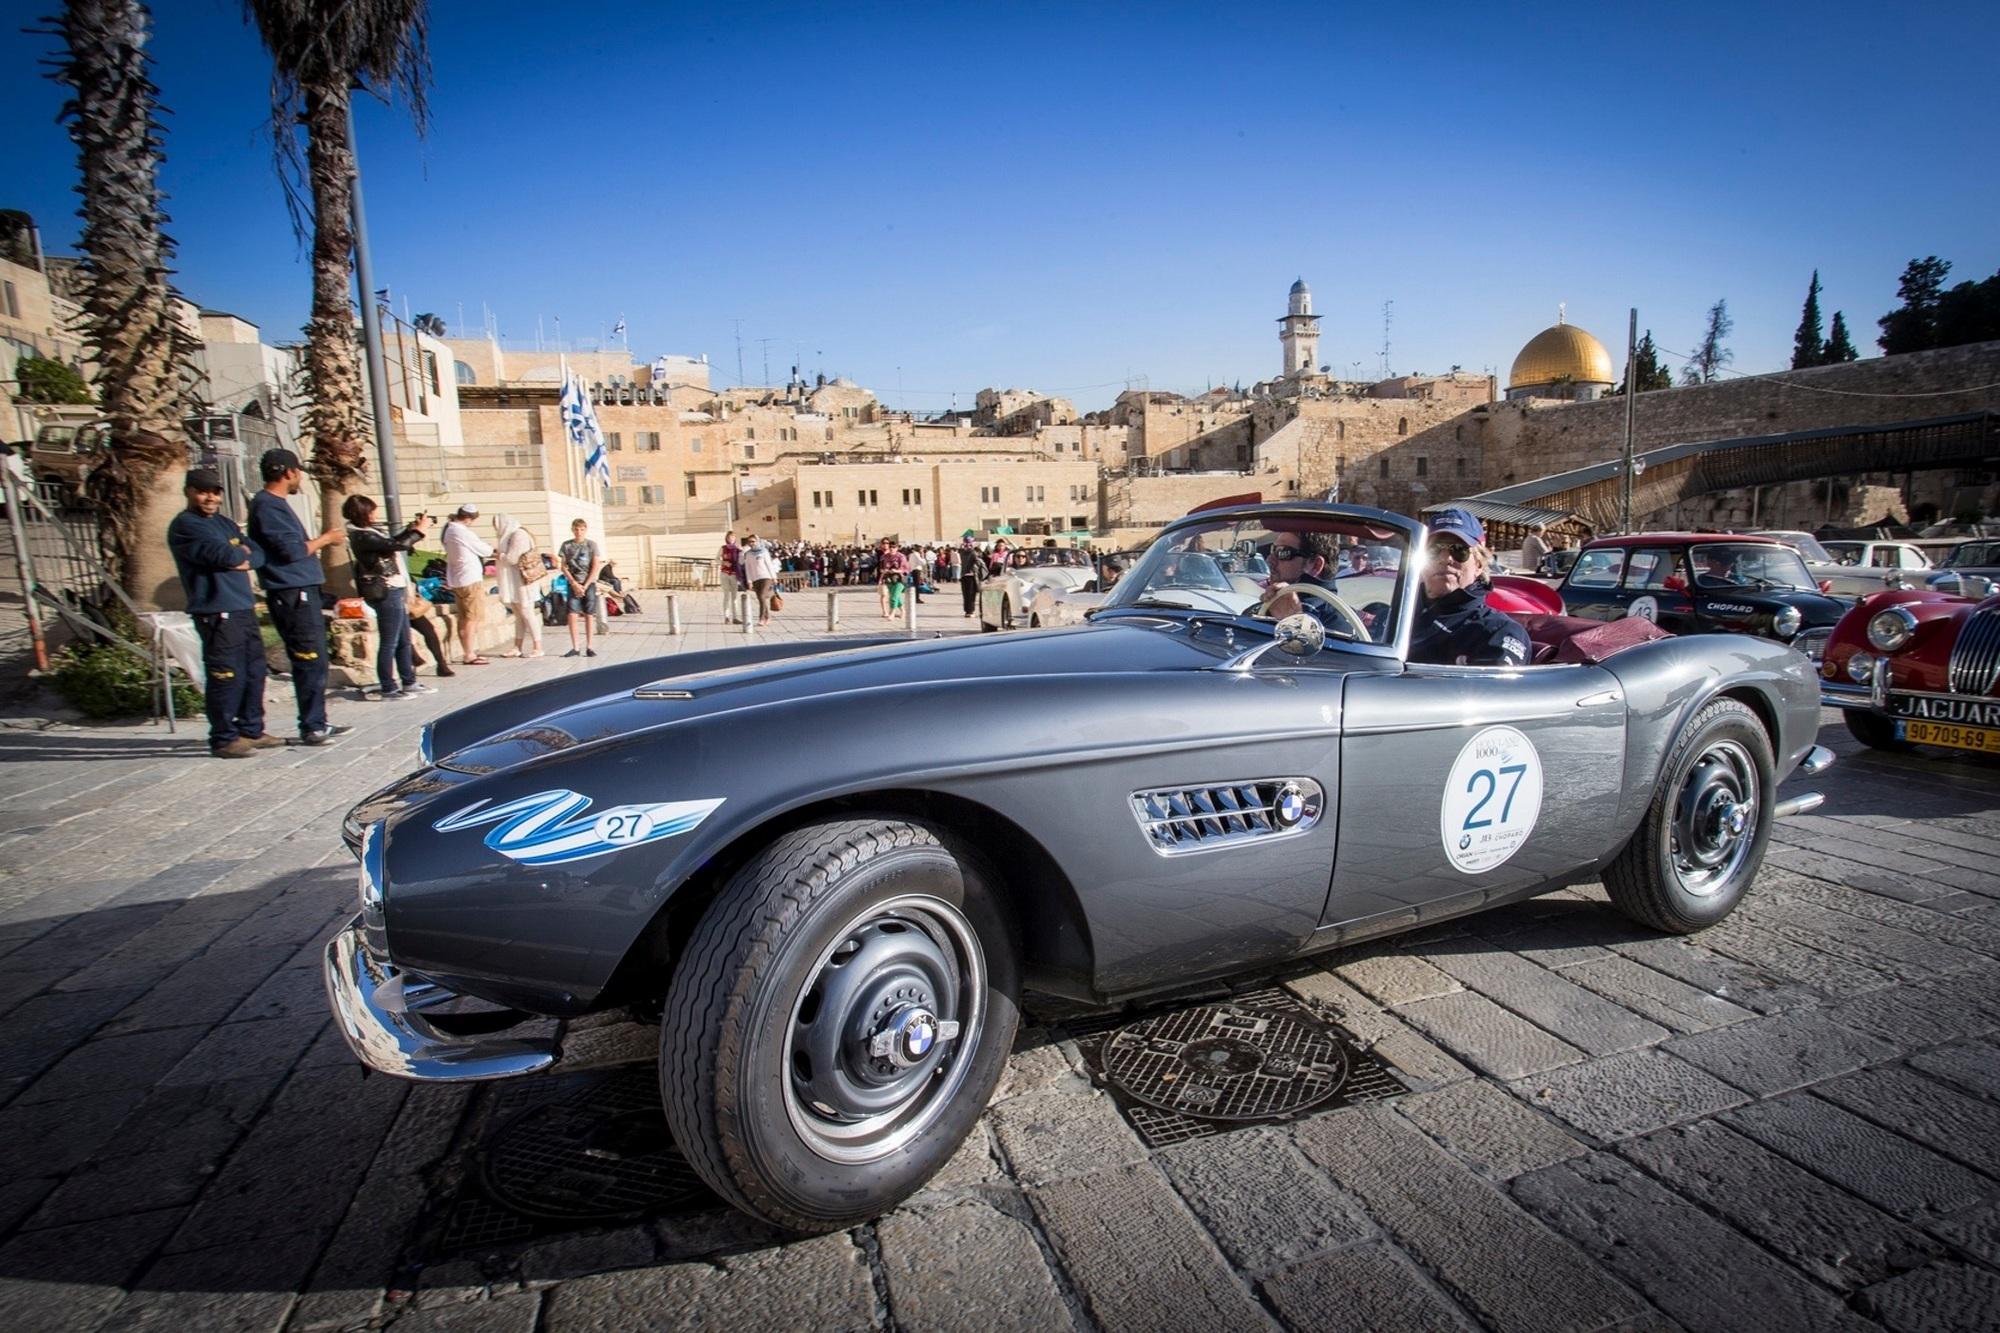 Panorama: Oldtimer-Rallye Holy Land 1000 - 3.000 Jahre Geschichte an fünf Tagen